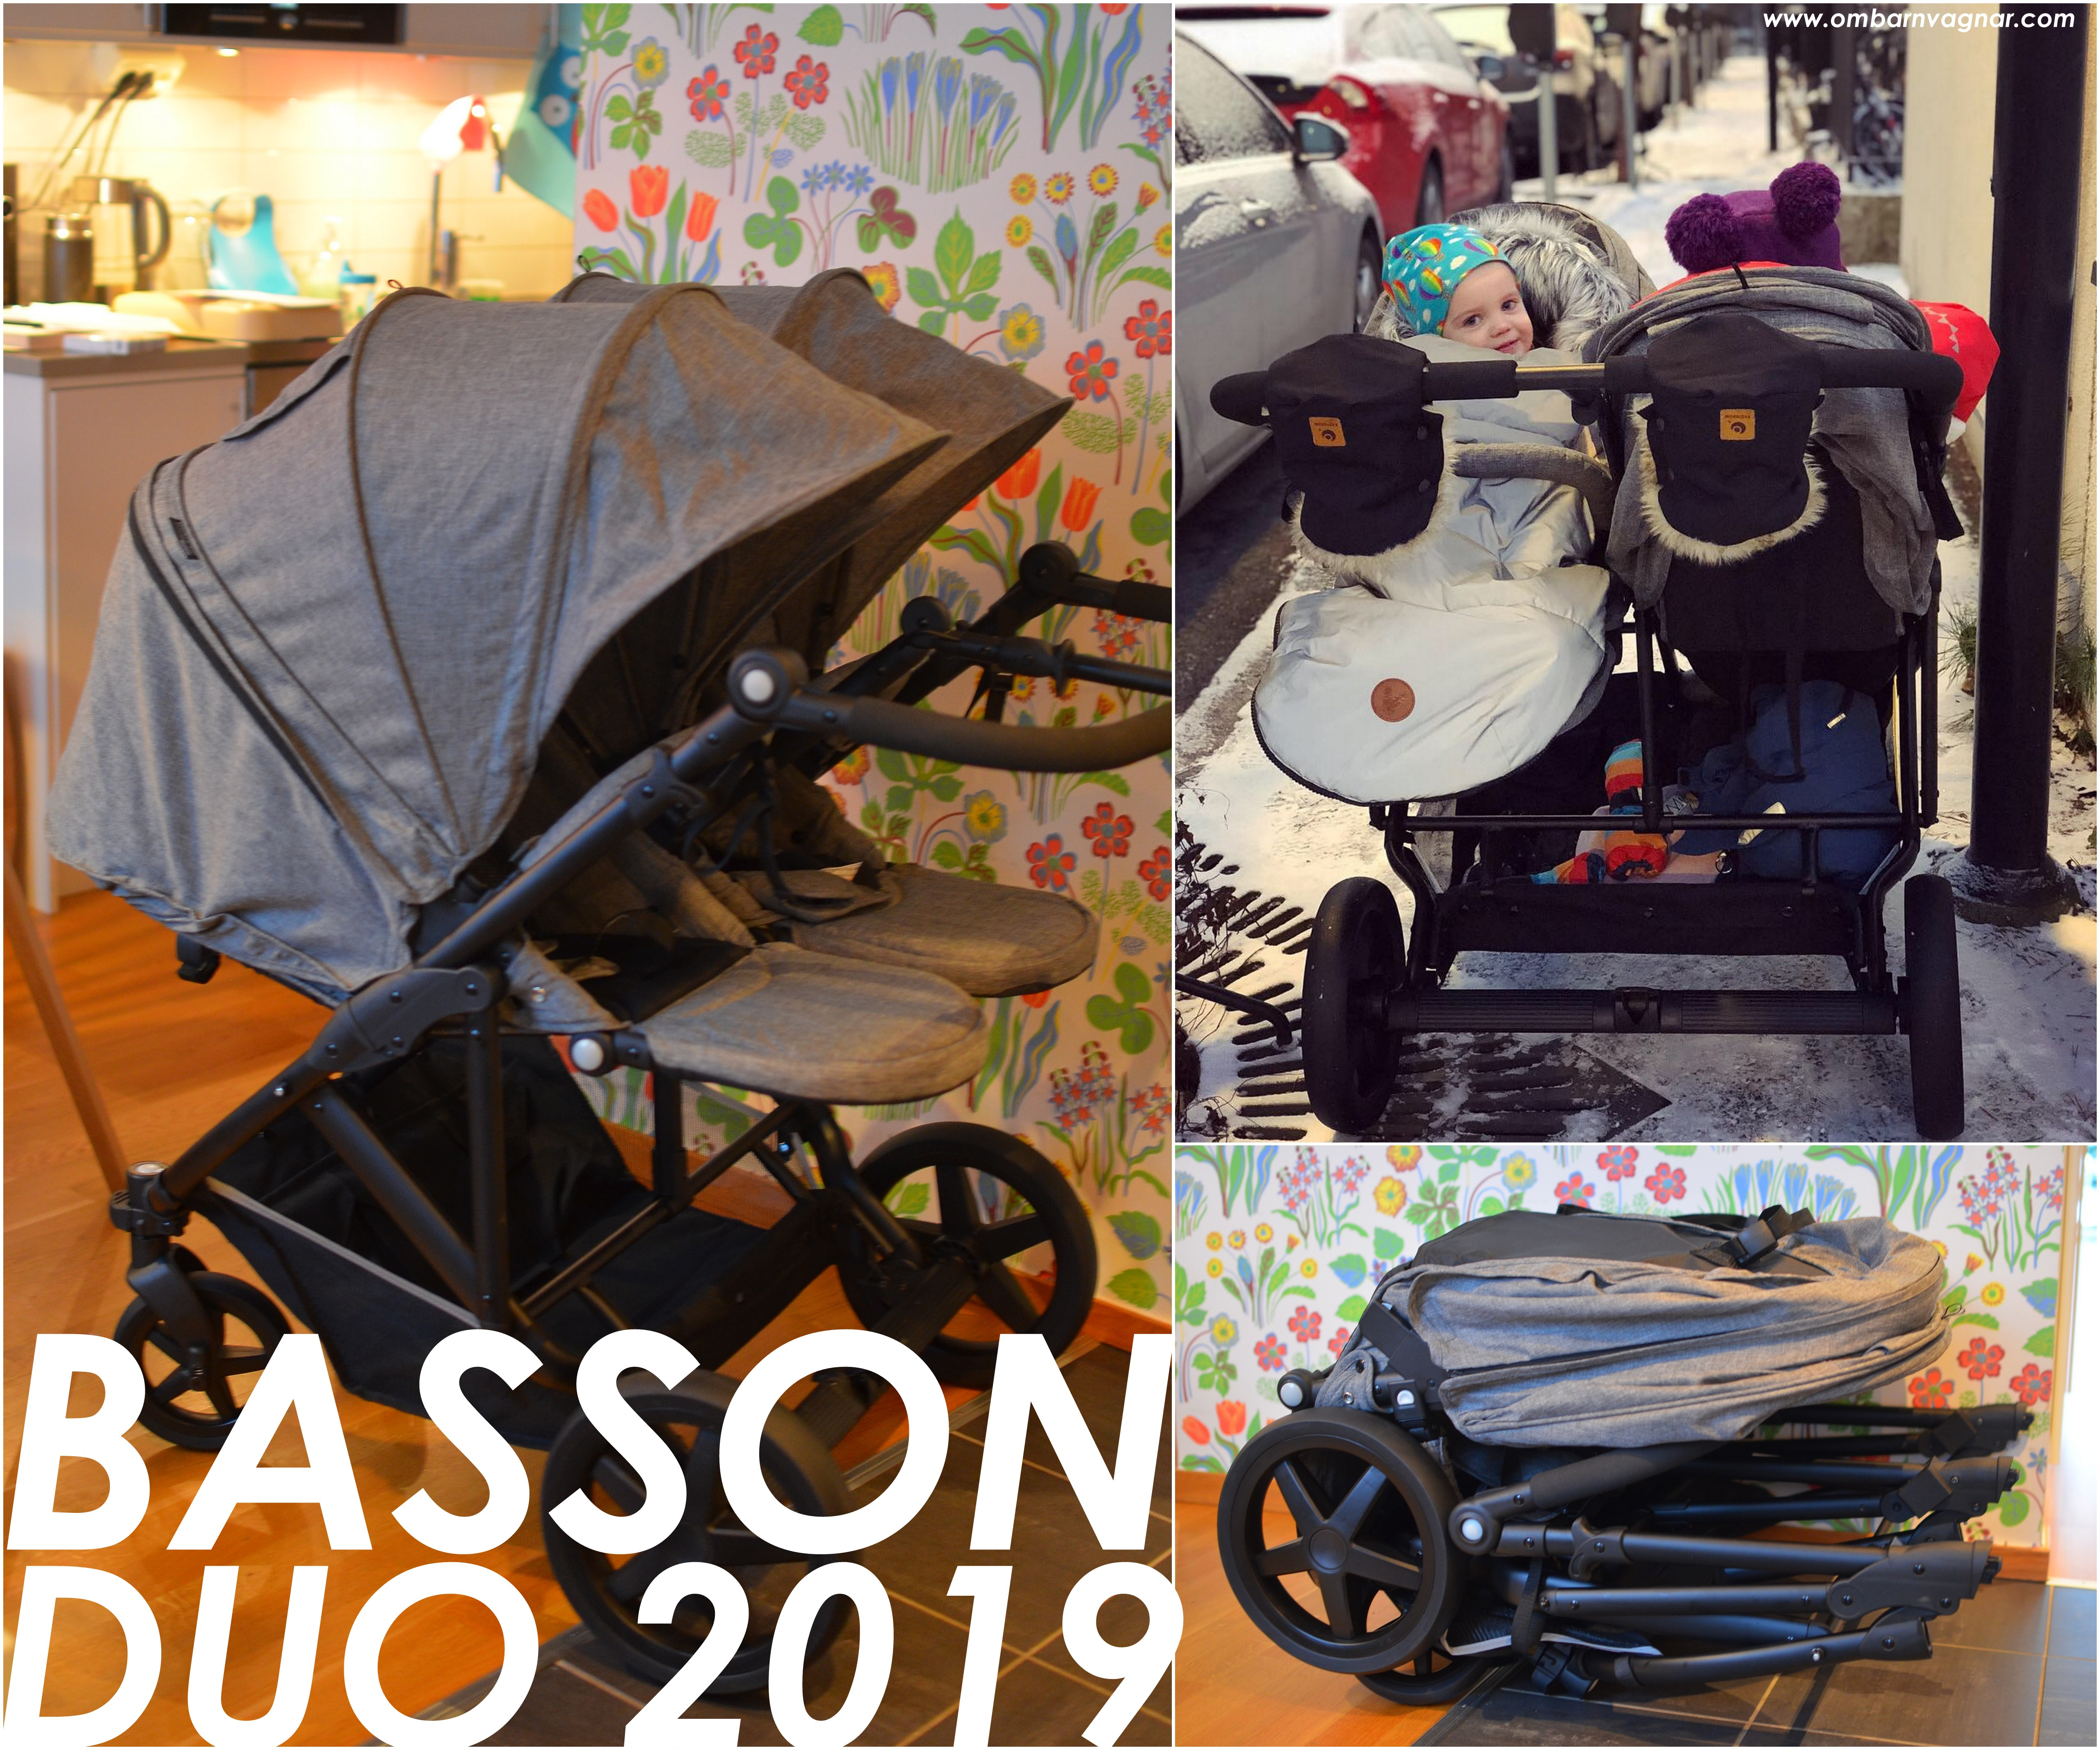 Basson Duo syskonvagn med vändbara sittdelar